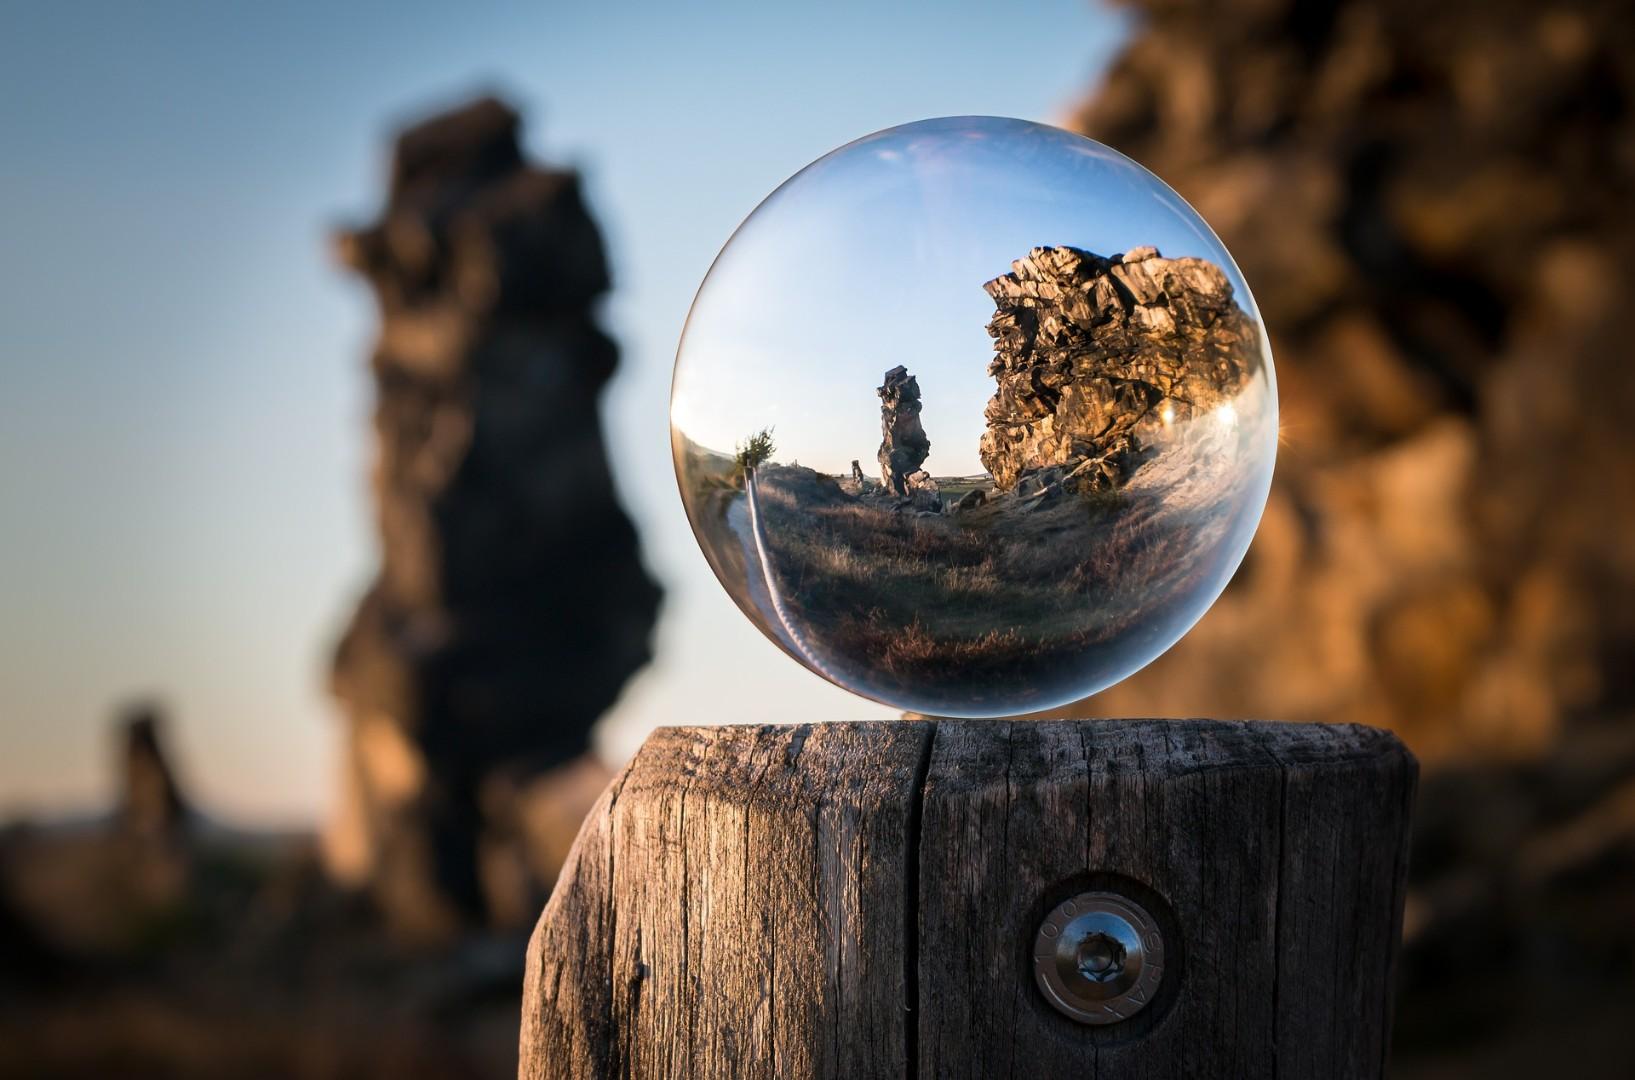 glass-ball-1746506_1920.jpg